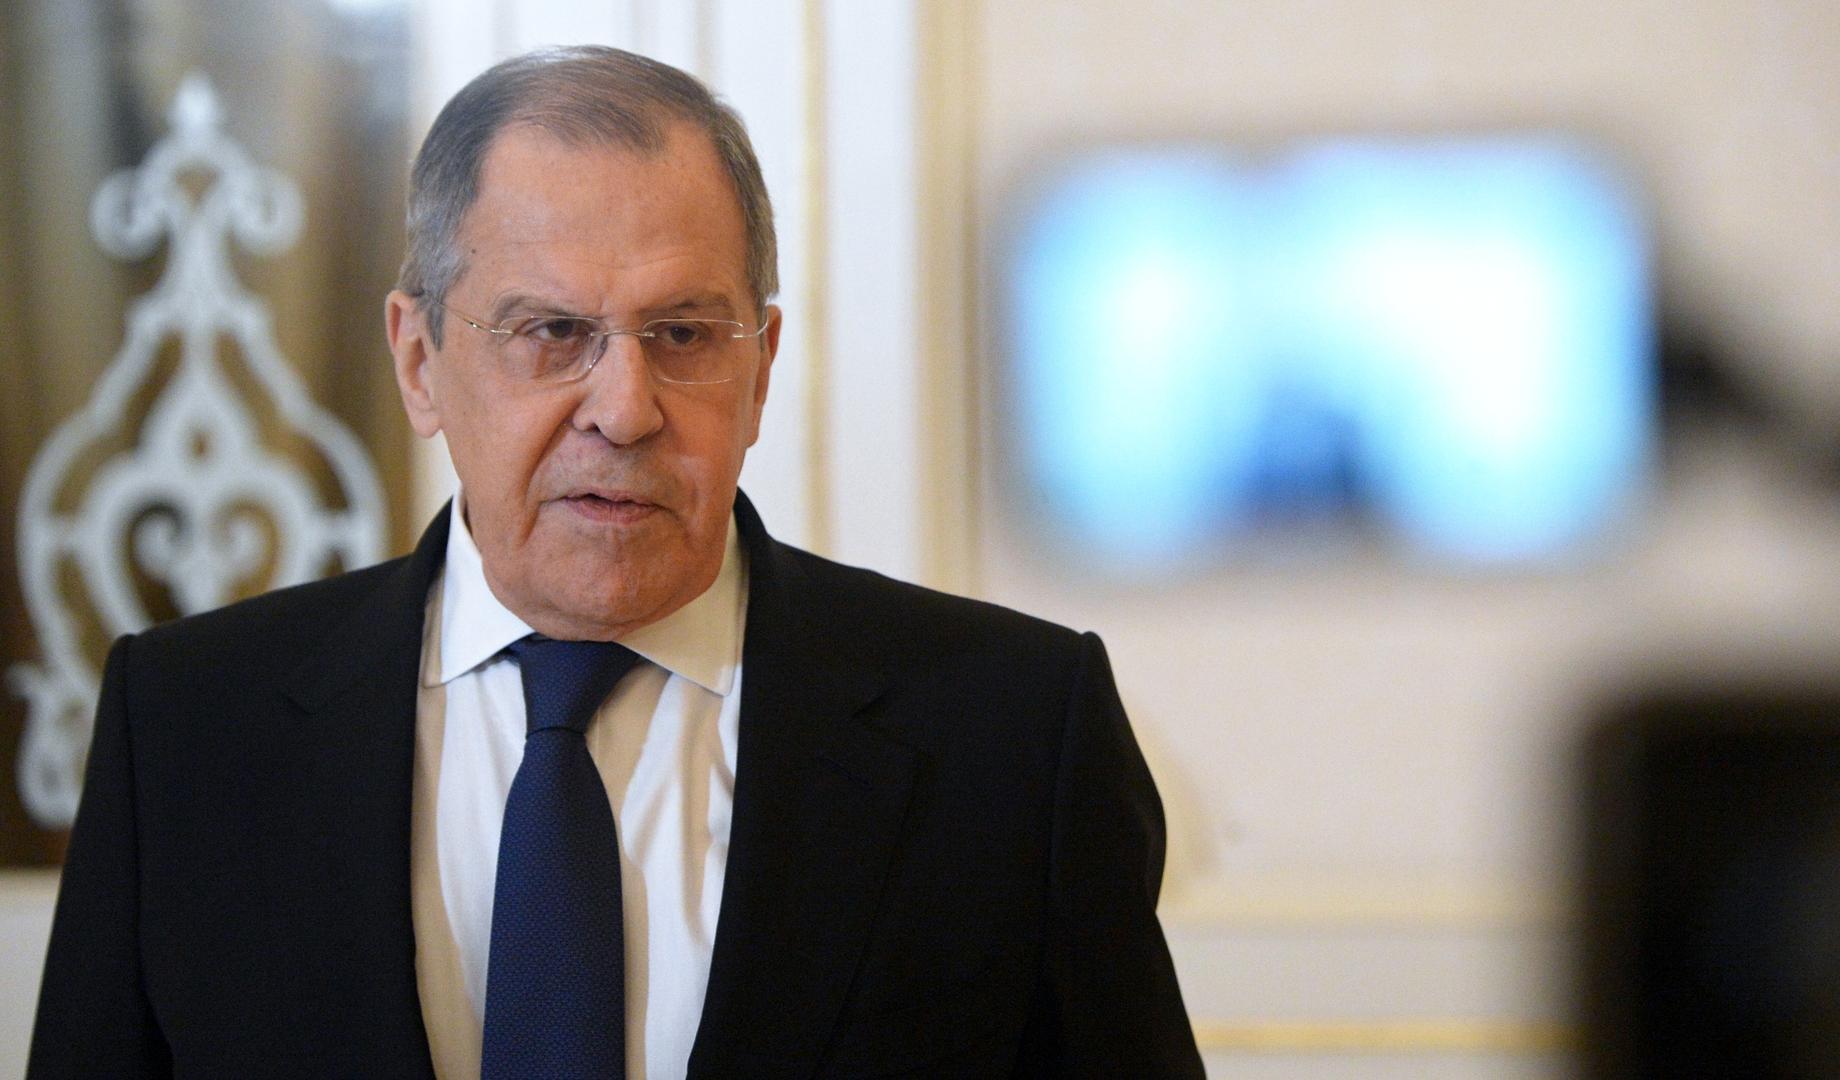 لافروف: الغرب يستخدم بحق روسيا والصين أساليب عقابية تنتهك معايير التجارة العالمية